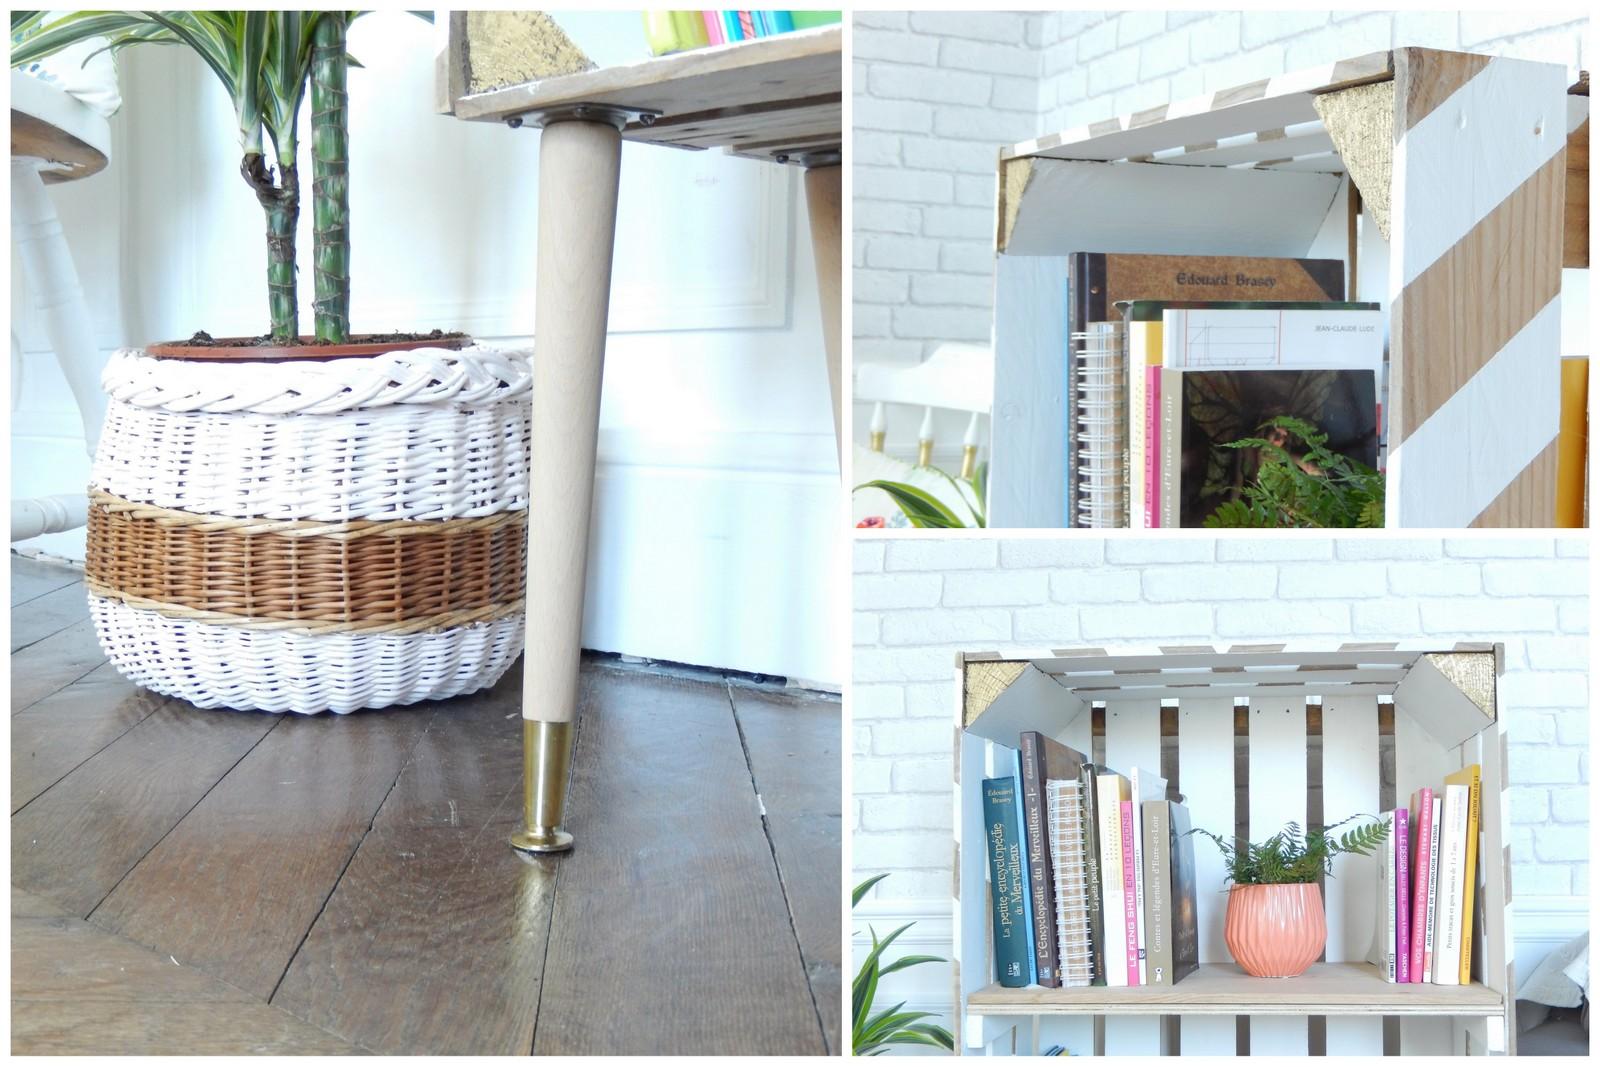 d tournement d 39 objet une tag re diy mon carnet d co diy organisation du quotidien. Black Bedroom Furniture Sets. Home Design Ideas